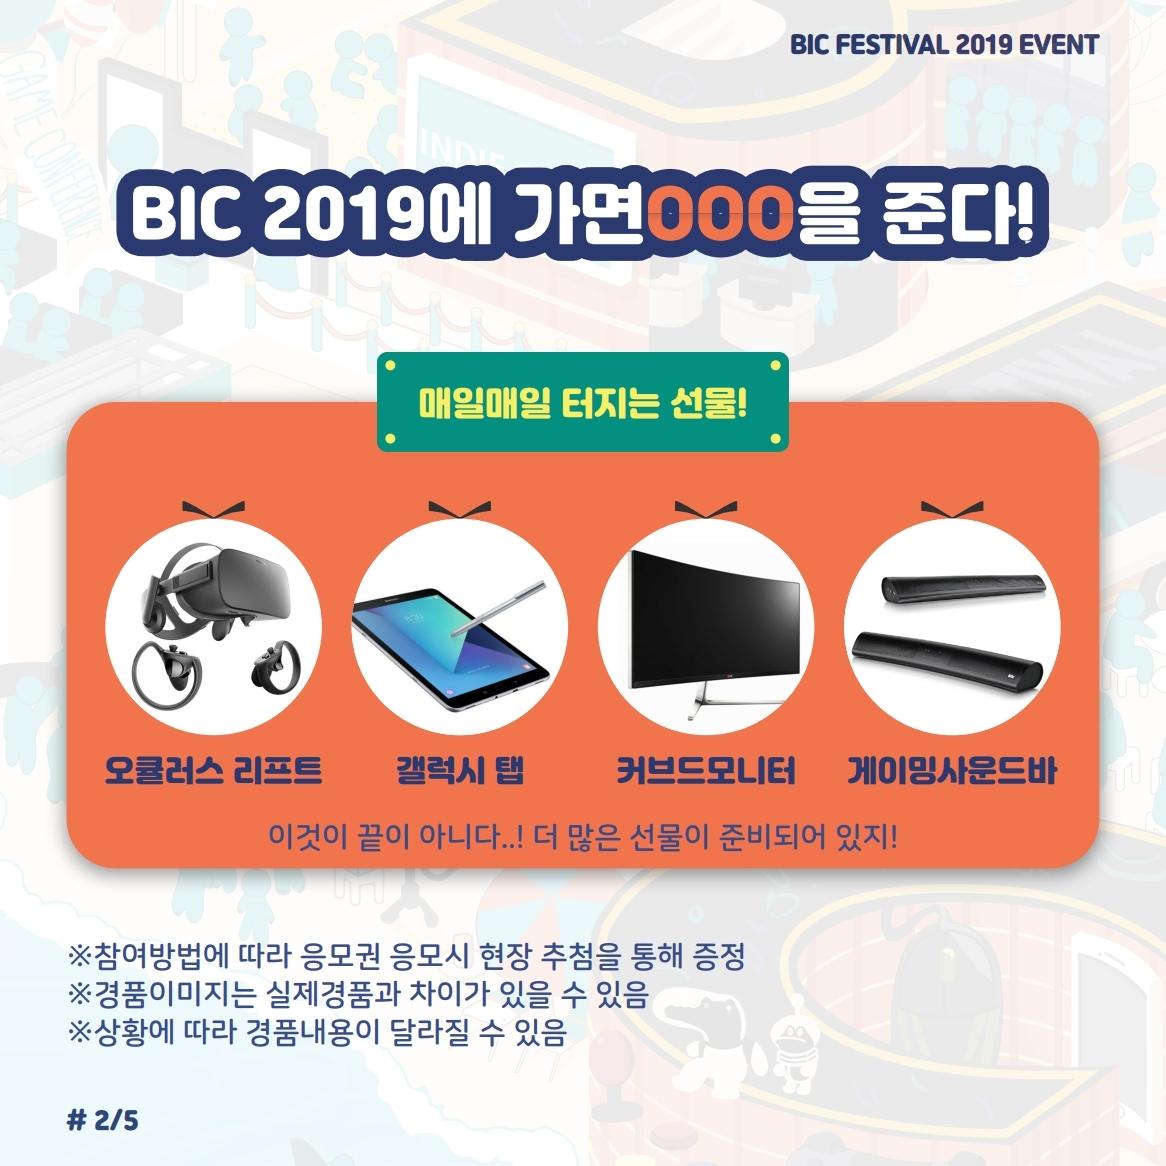 BIC_cardnews_02_Gift_02.jpg